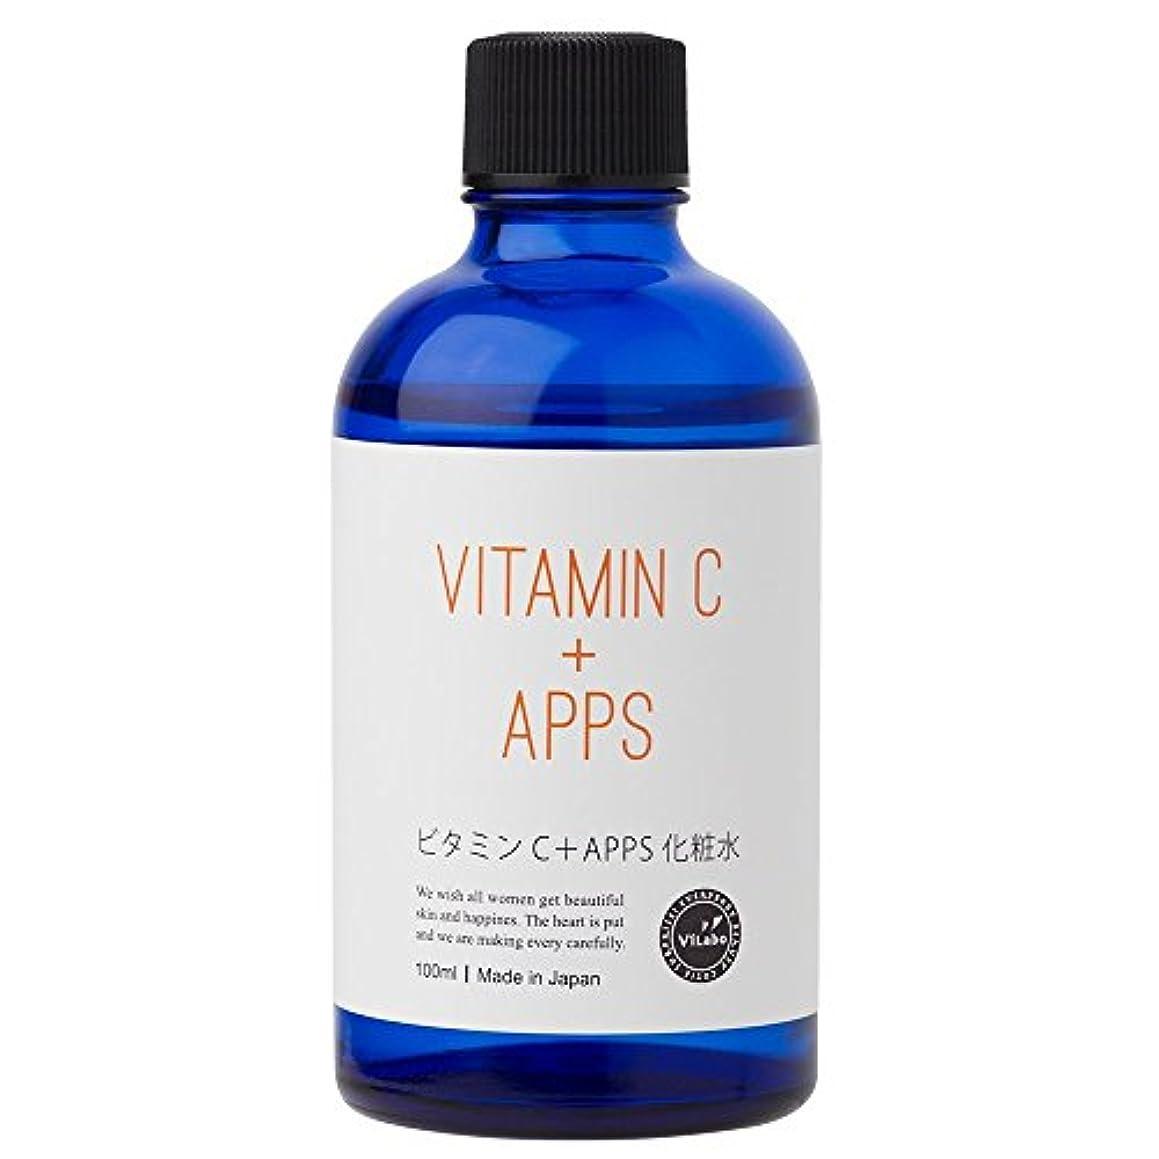 ビットおとうさん荷物ViLabo APPS+天然ビタミンC化粧水 (ハッピーローションV)100ml 通常ボトル ビラボ